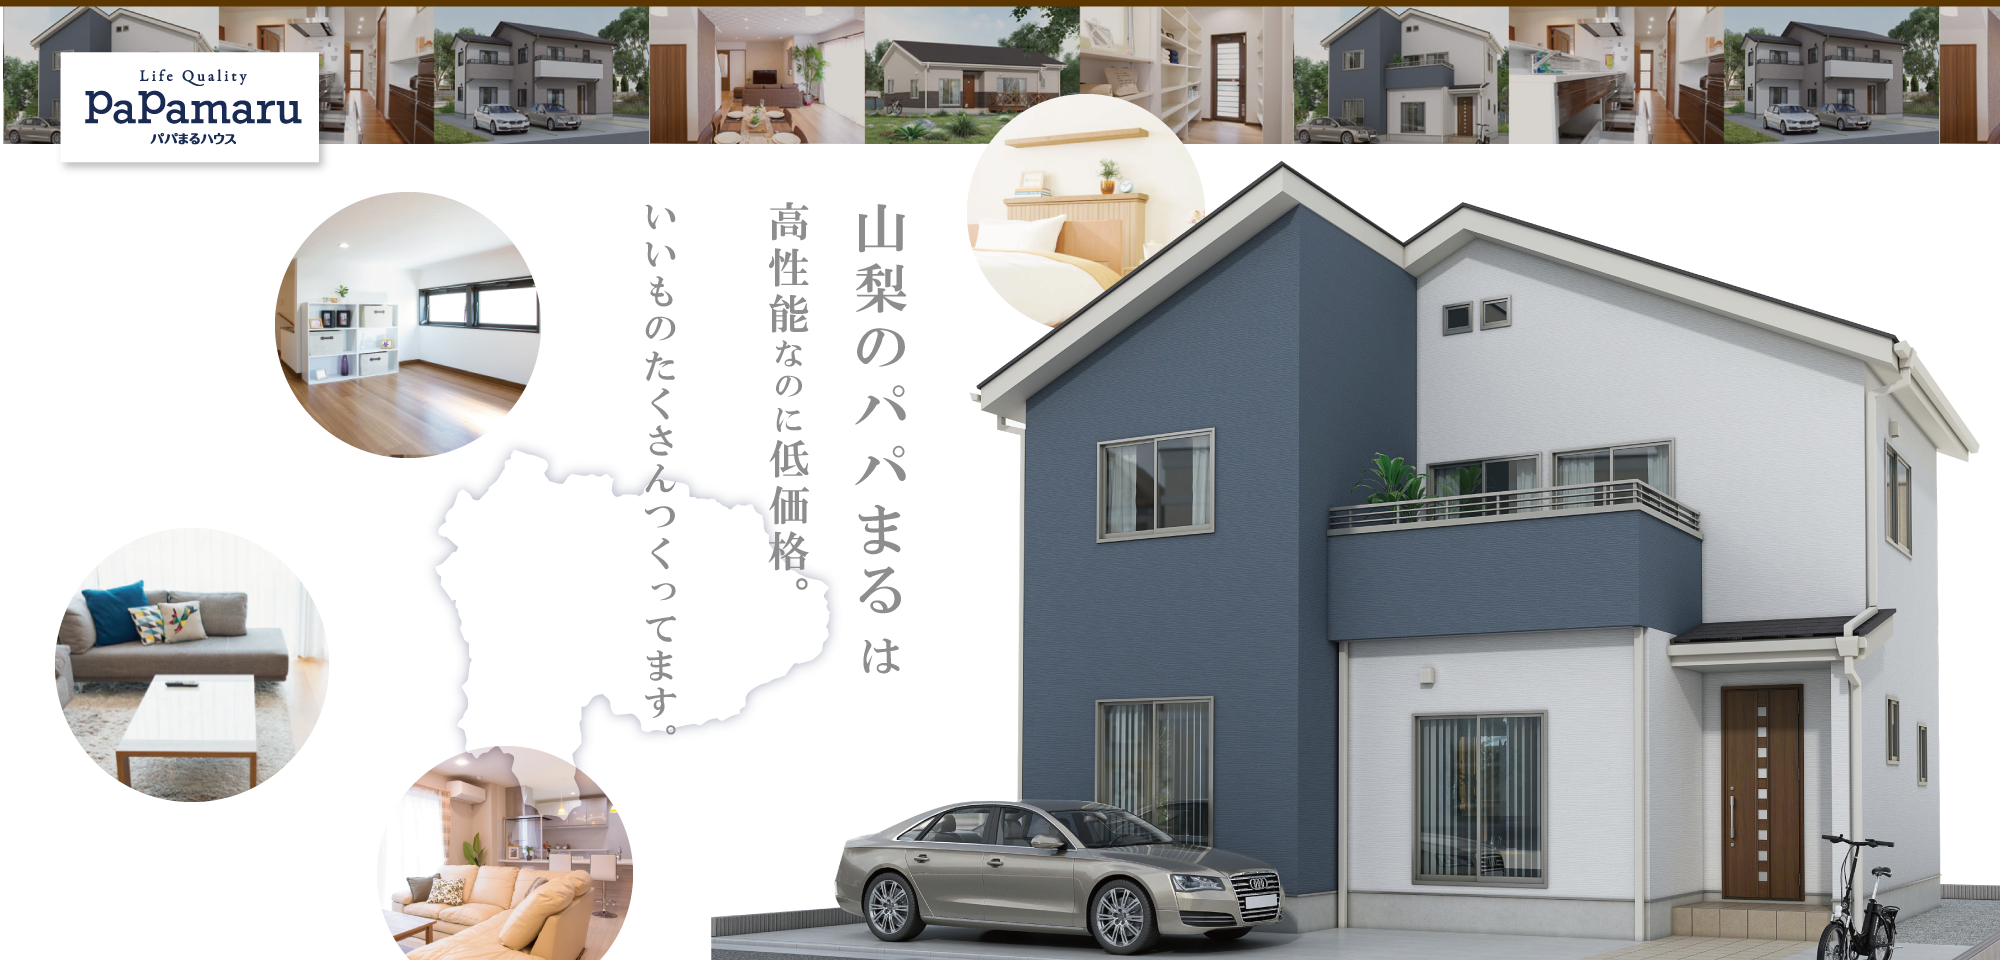 山梨のパパまるは強風・豪雨・寒さ環境に強いハイスペック住宅。